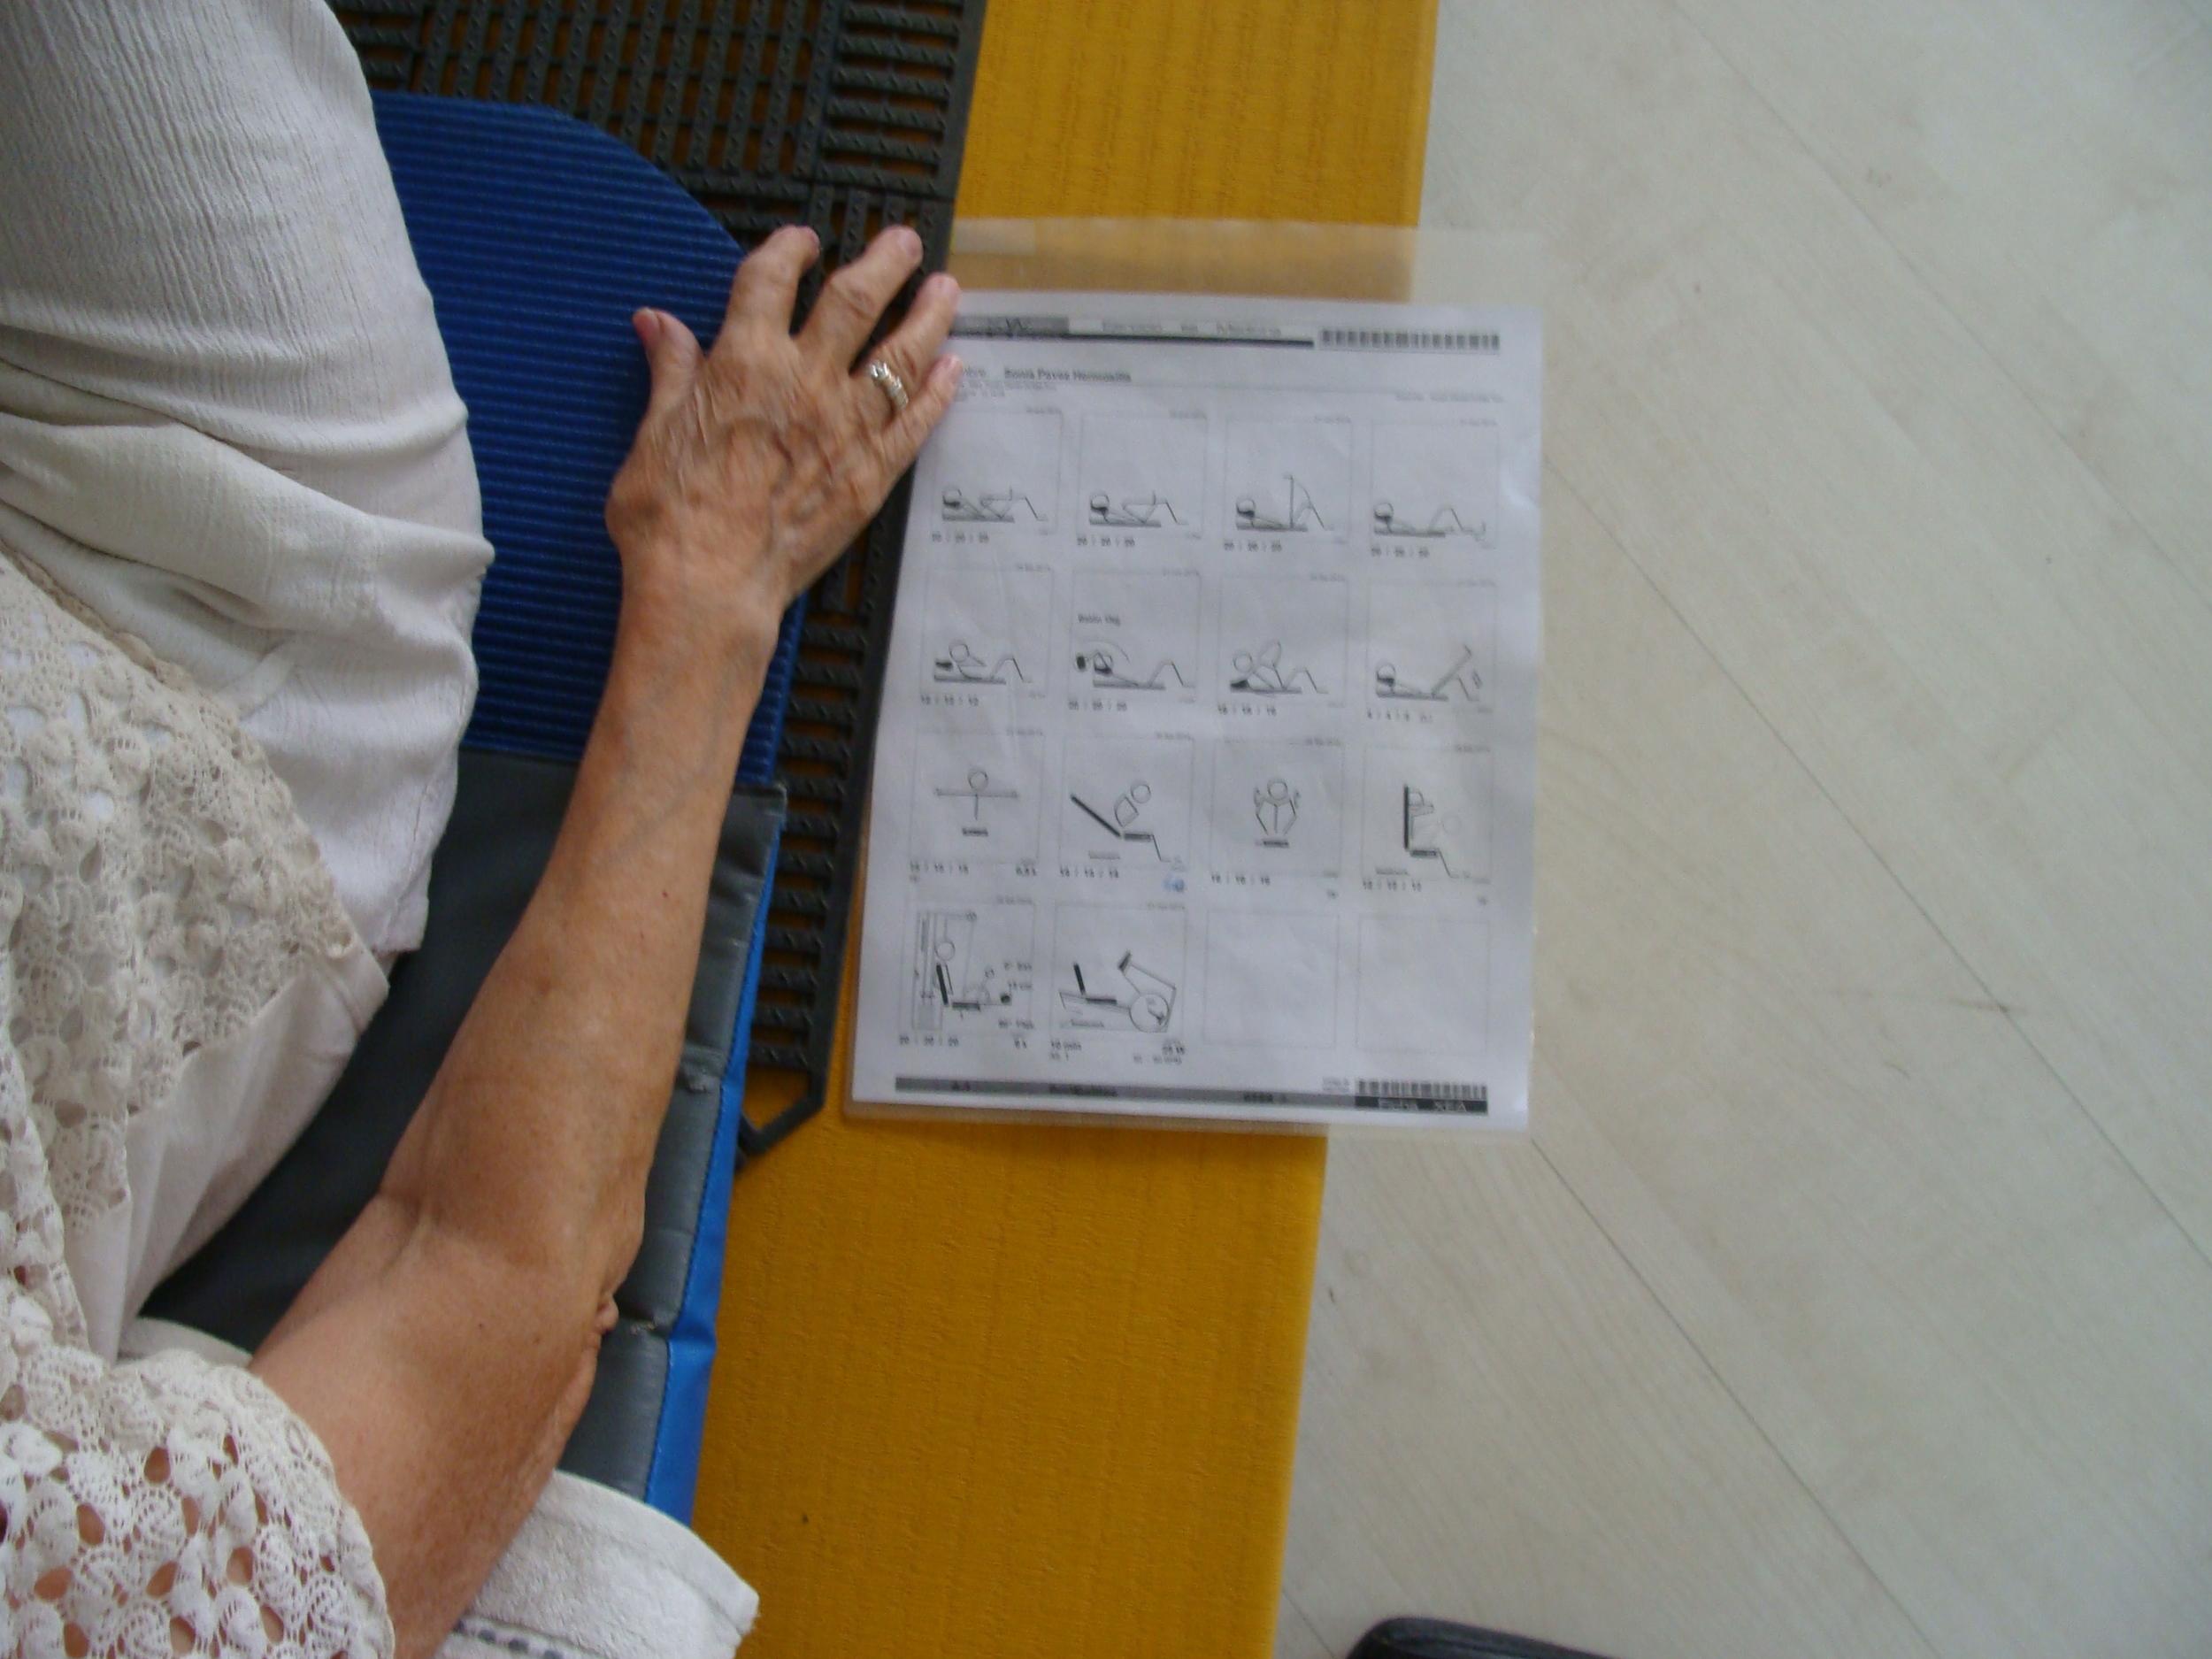 kinesiologia - clinica de ejercicio kw - ficha metodo xea.JPG